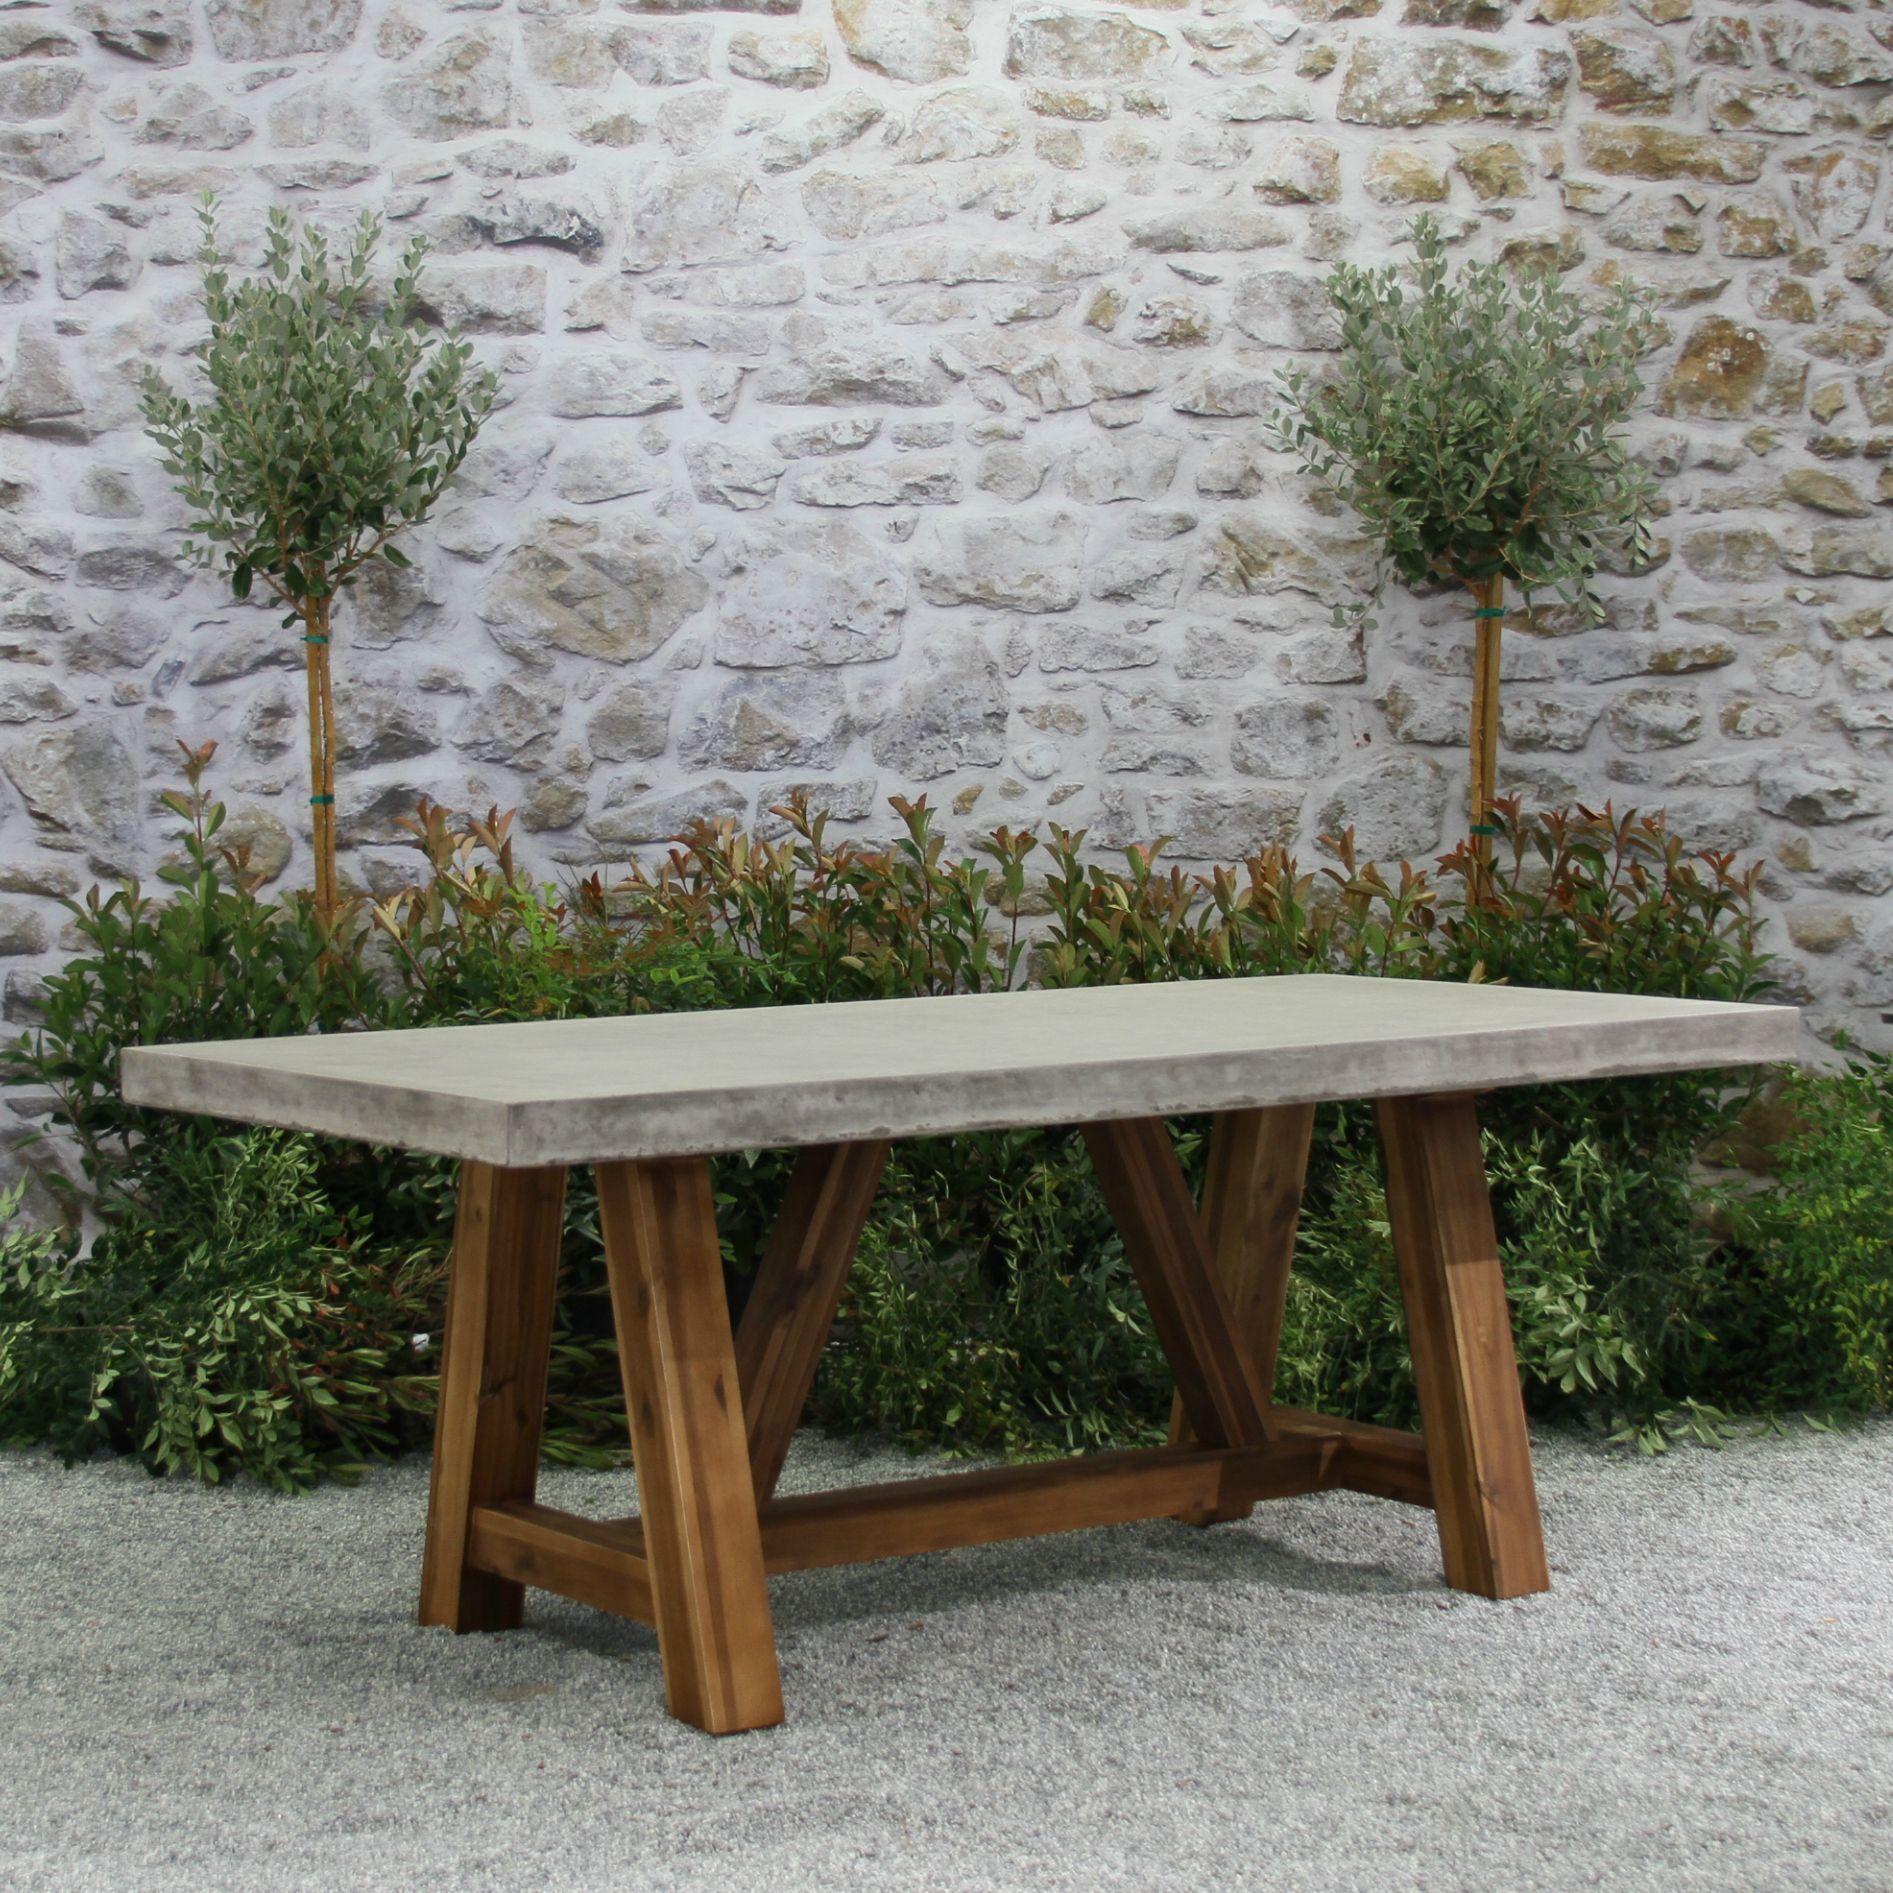 Bordeaux Concrete Top Table Outdoor Furniture Tuintafels